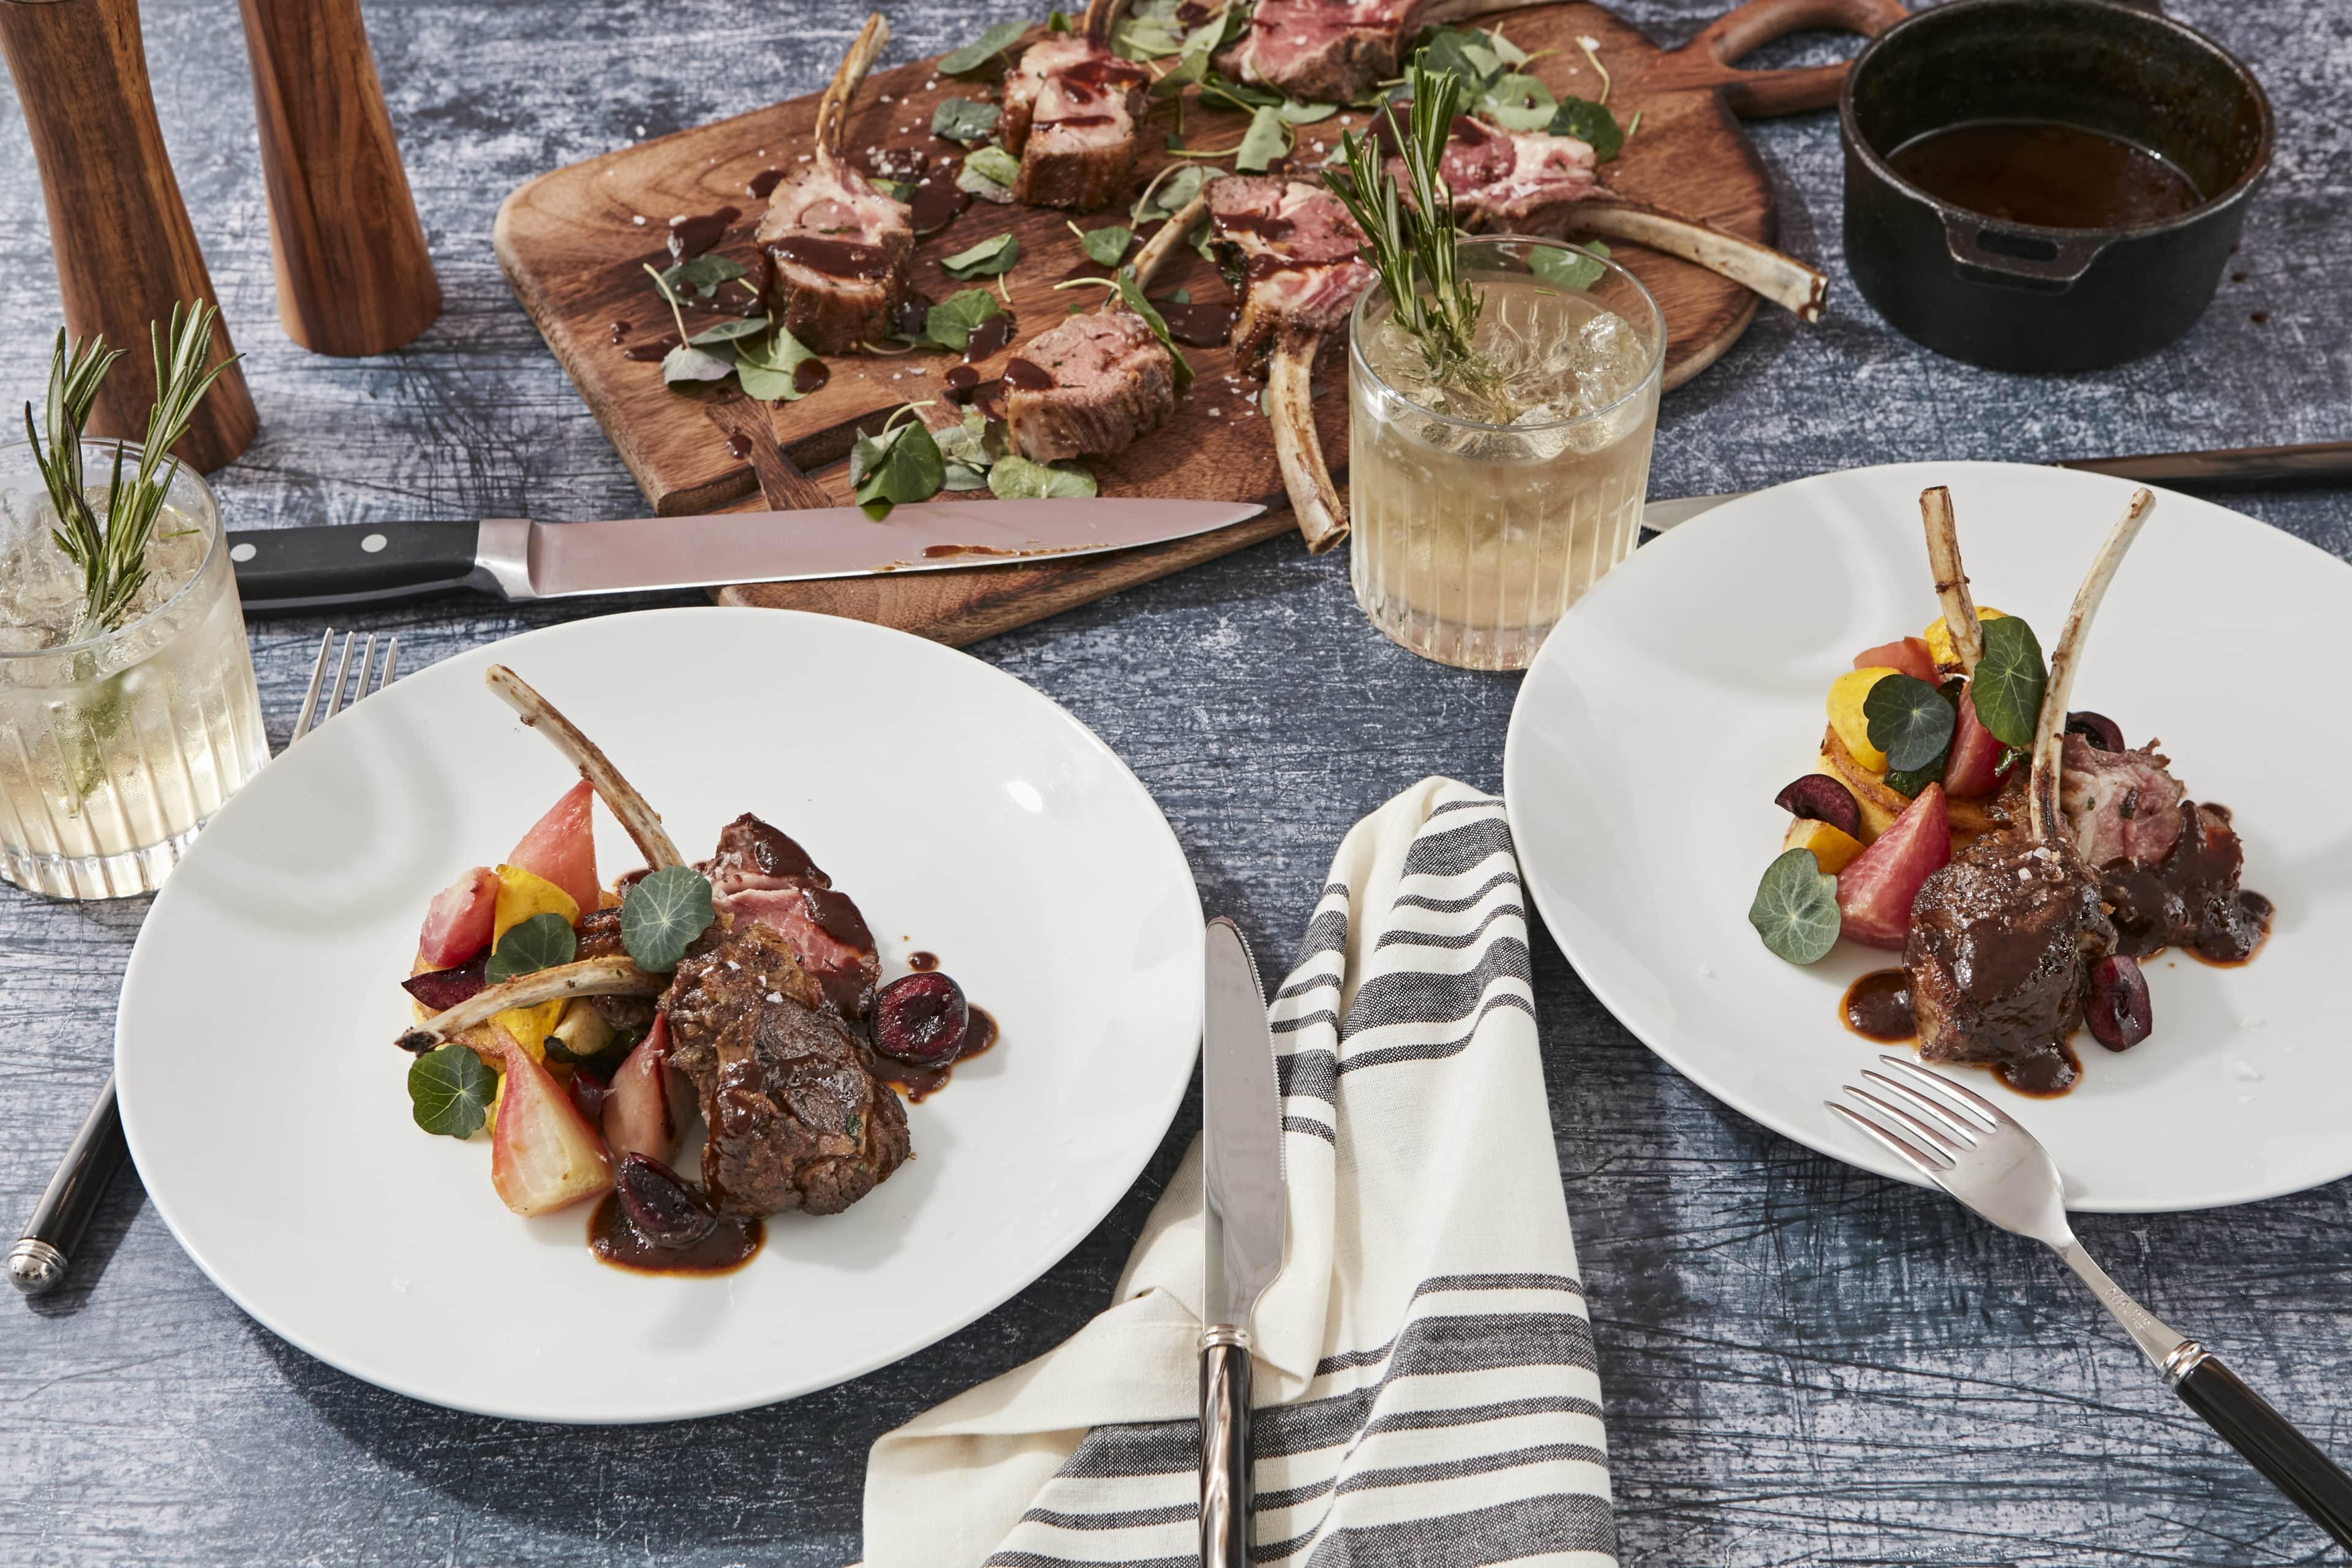 Main Dish - Rack of Lamb, Seasonal Vegetables